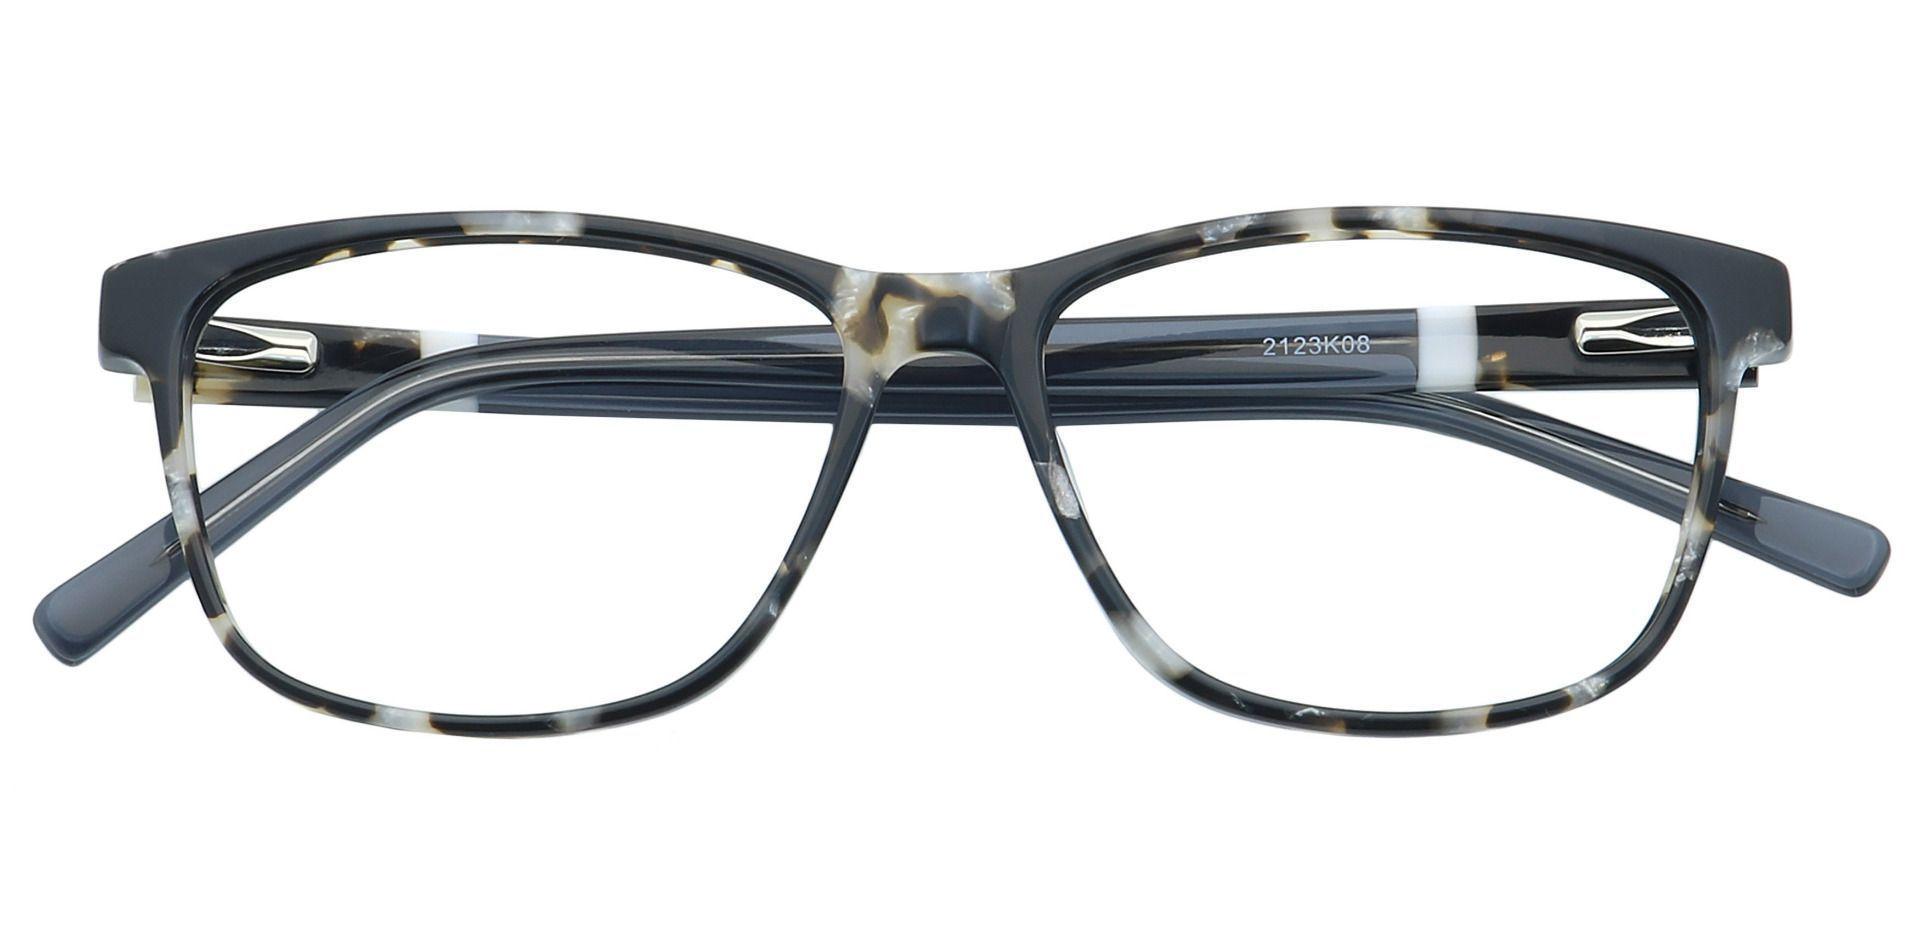 Denni Rectangle Non-Rx Glasses - Black